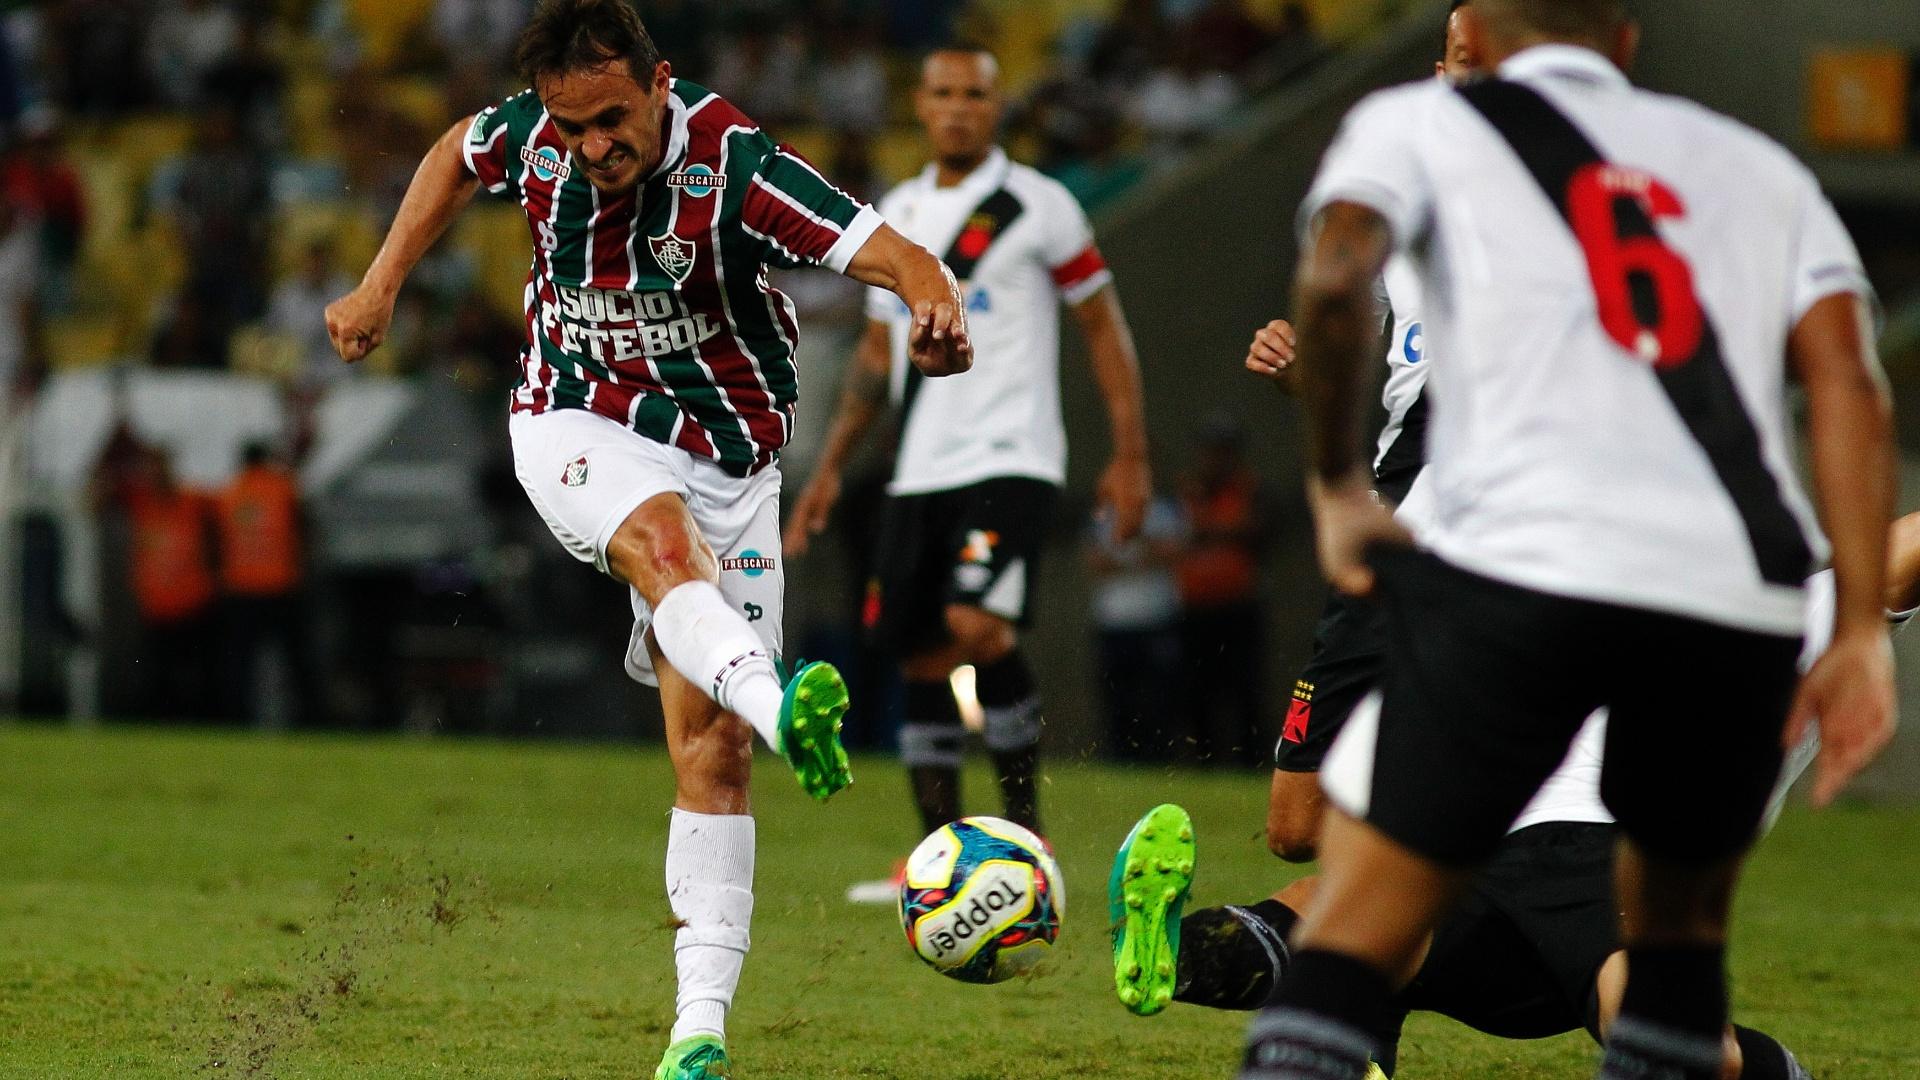 Lucas arrisca chuta em jogo Fluminense x Vasco pela semifinais do Campeonato Carioca 2017